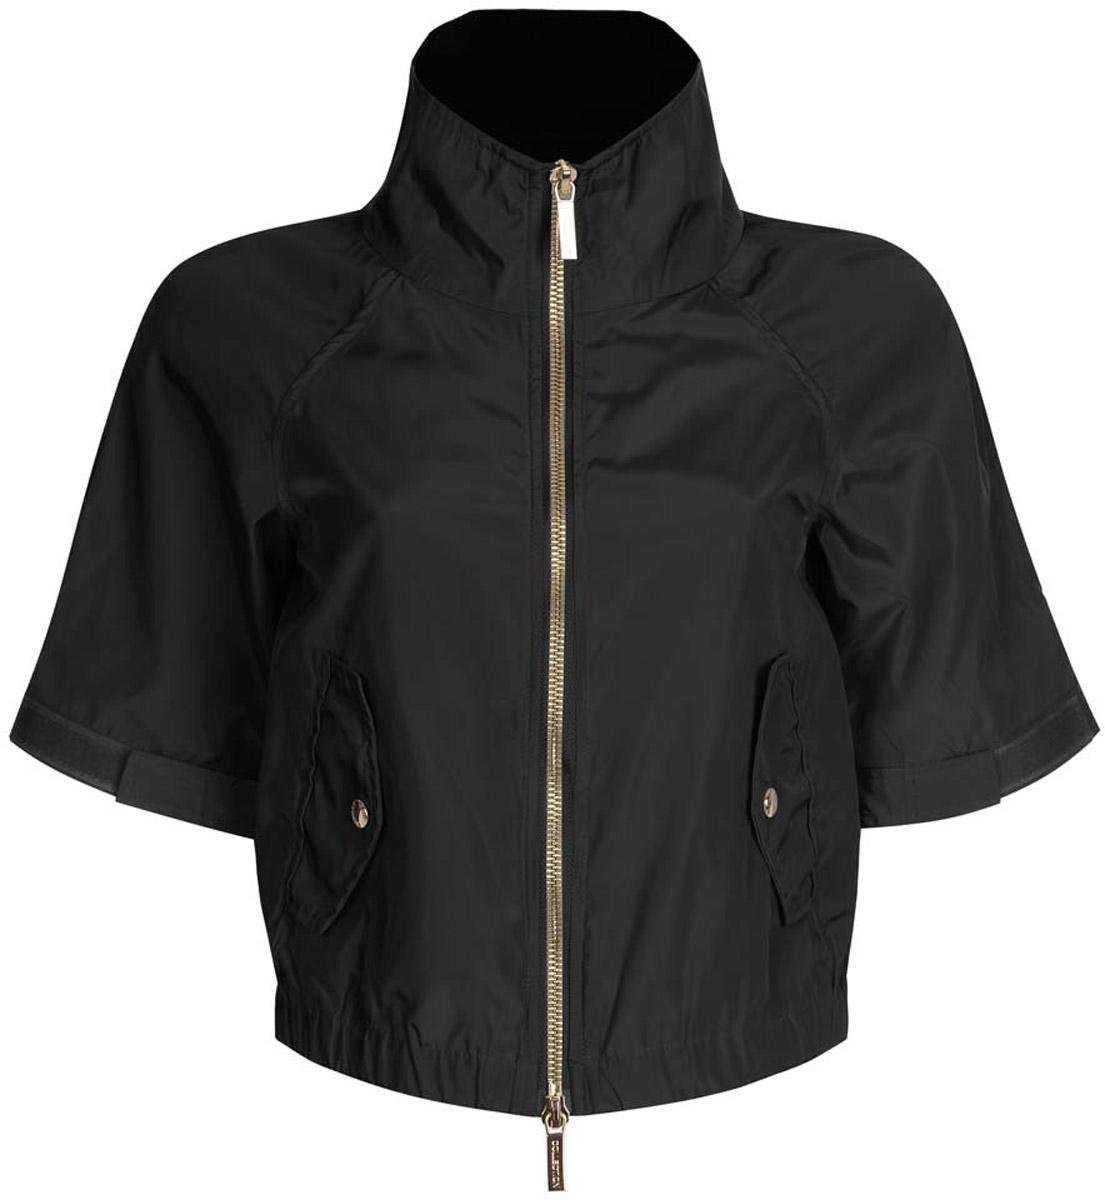 Куртка женская oodji Ultra, цвет: черный. 10307004/45462/2900N. Размер 42-170 (48-170)10307004/45462/2900NСтильная женская куртка oodji Ultra выполнена из качественного полиэстера. Куртка укороченной модели с рукавами-реглан длиной 3/4 и воротником-стойкой. Застегивается модель спереди на застежку-молнию. Низ куртки на широкой эластичной резинке. По бокам и на манжетах изделие дополнено хлястиками, которые регулируют посадку и объем с помощью липучек. Спереди куртка оформлена двумя втачными карманами с клапанами на кнопках.